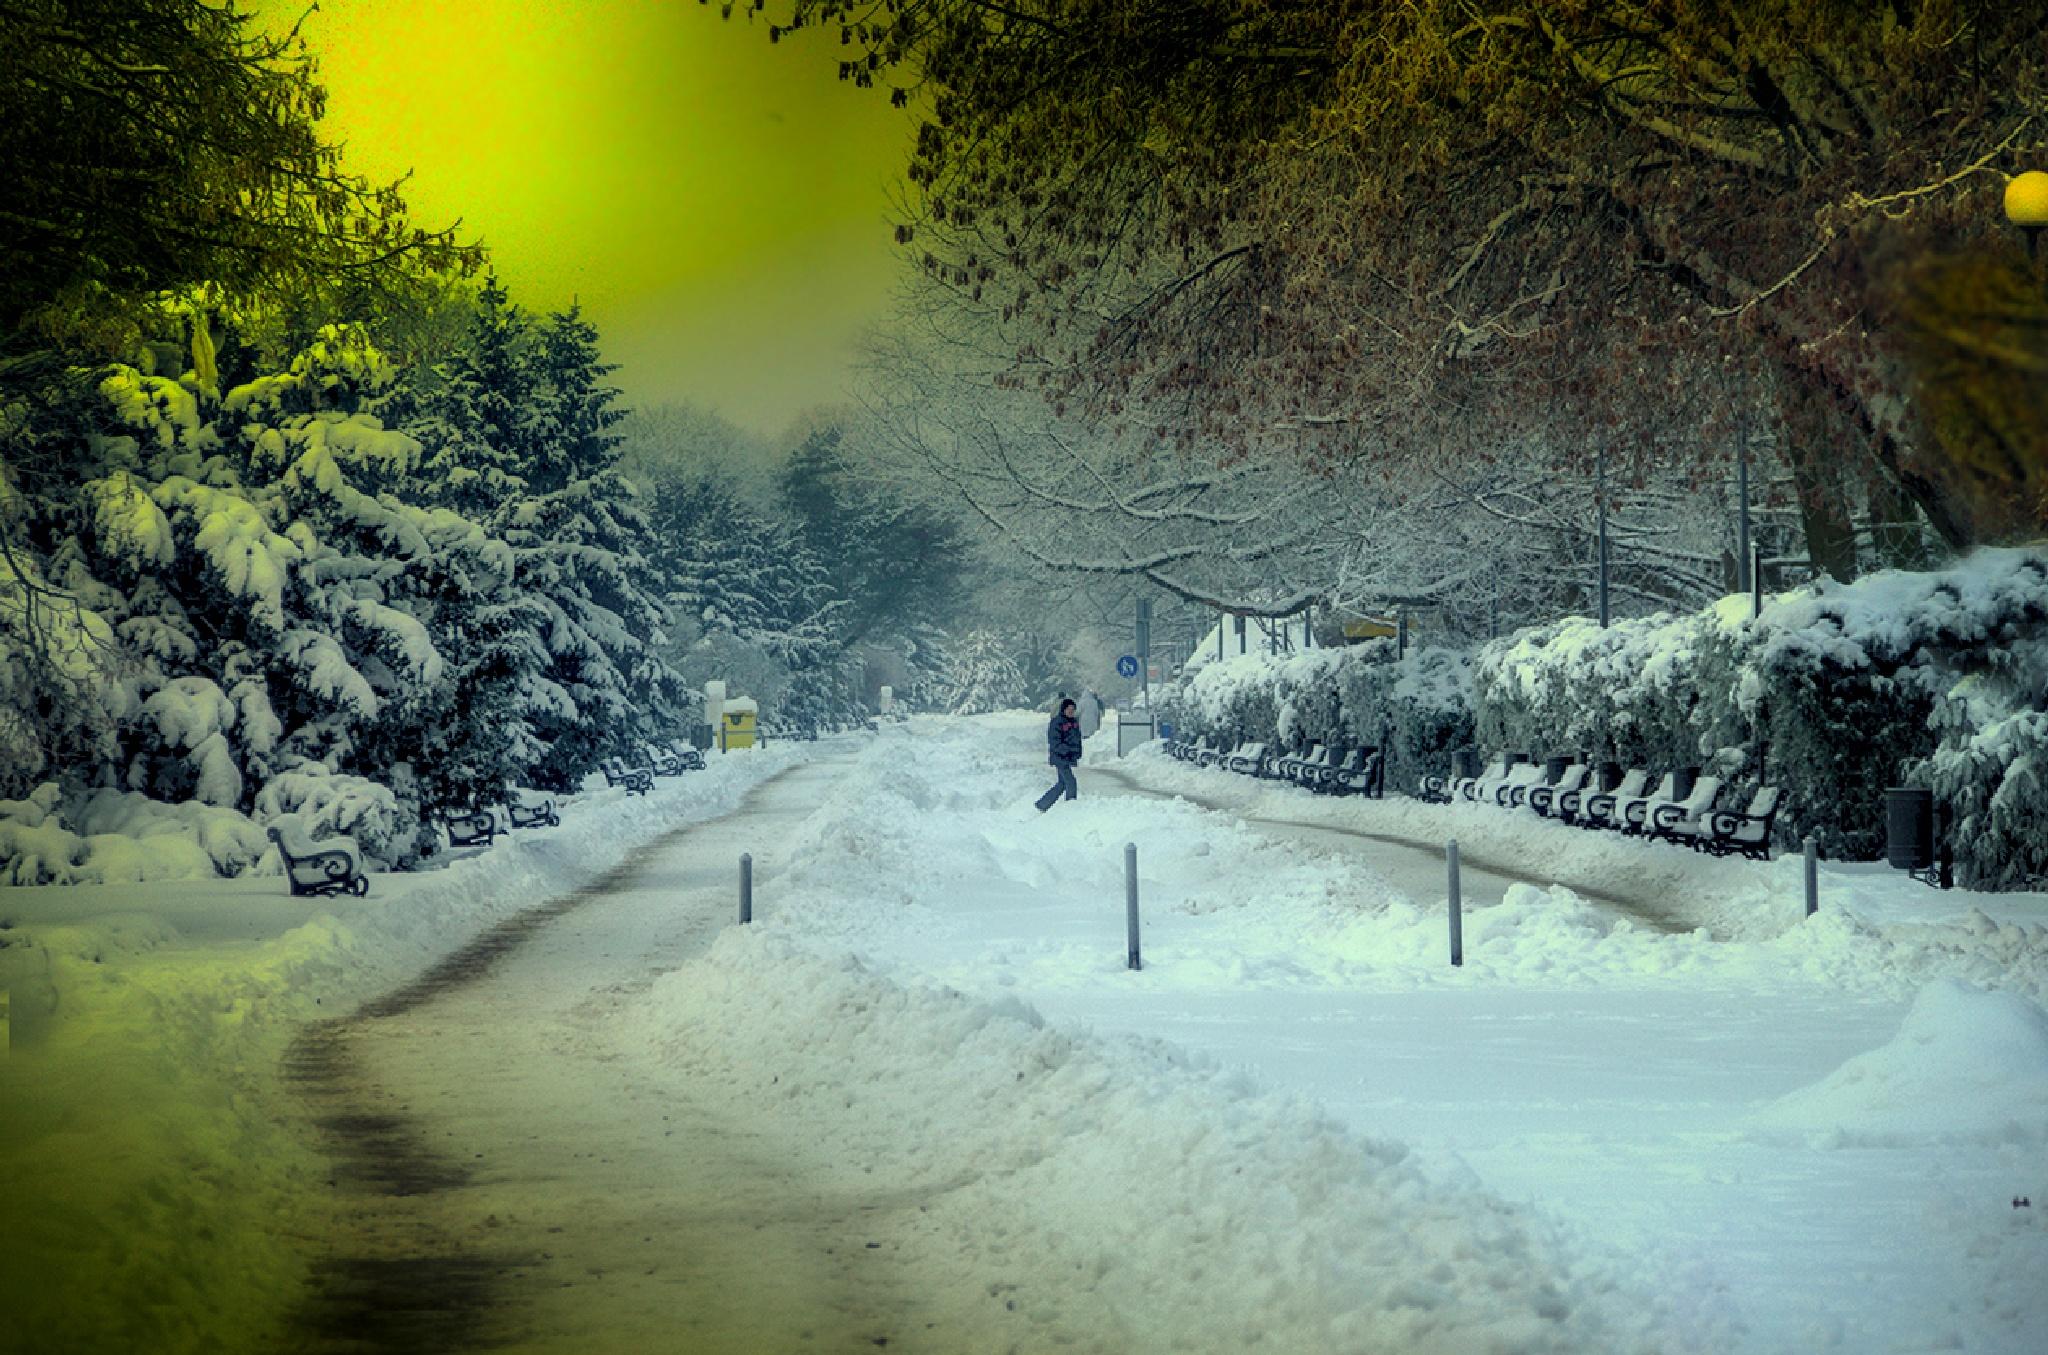 Przyszła zima  by zbych41